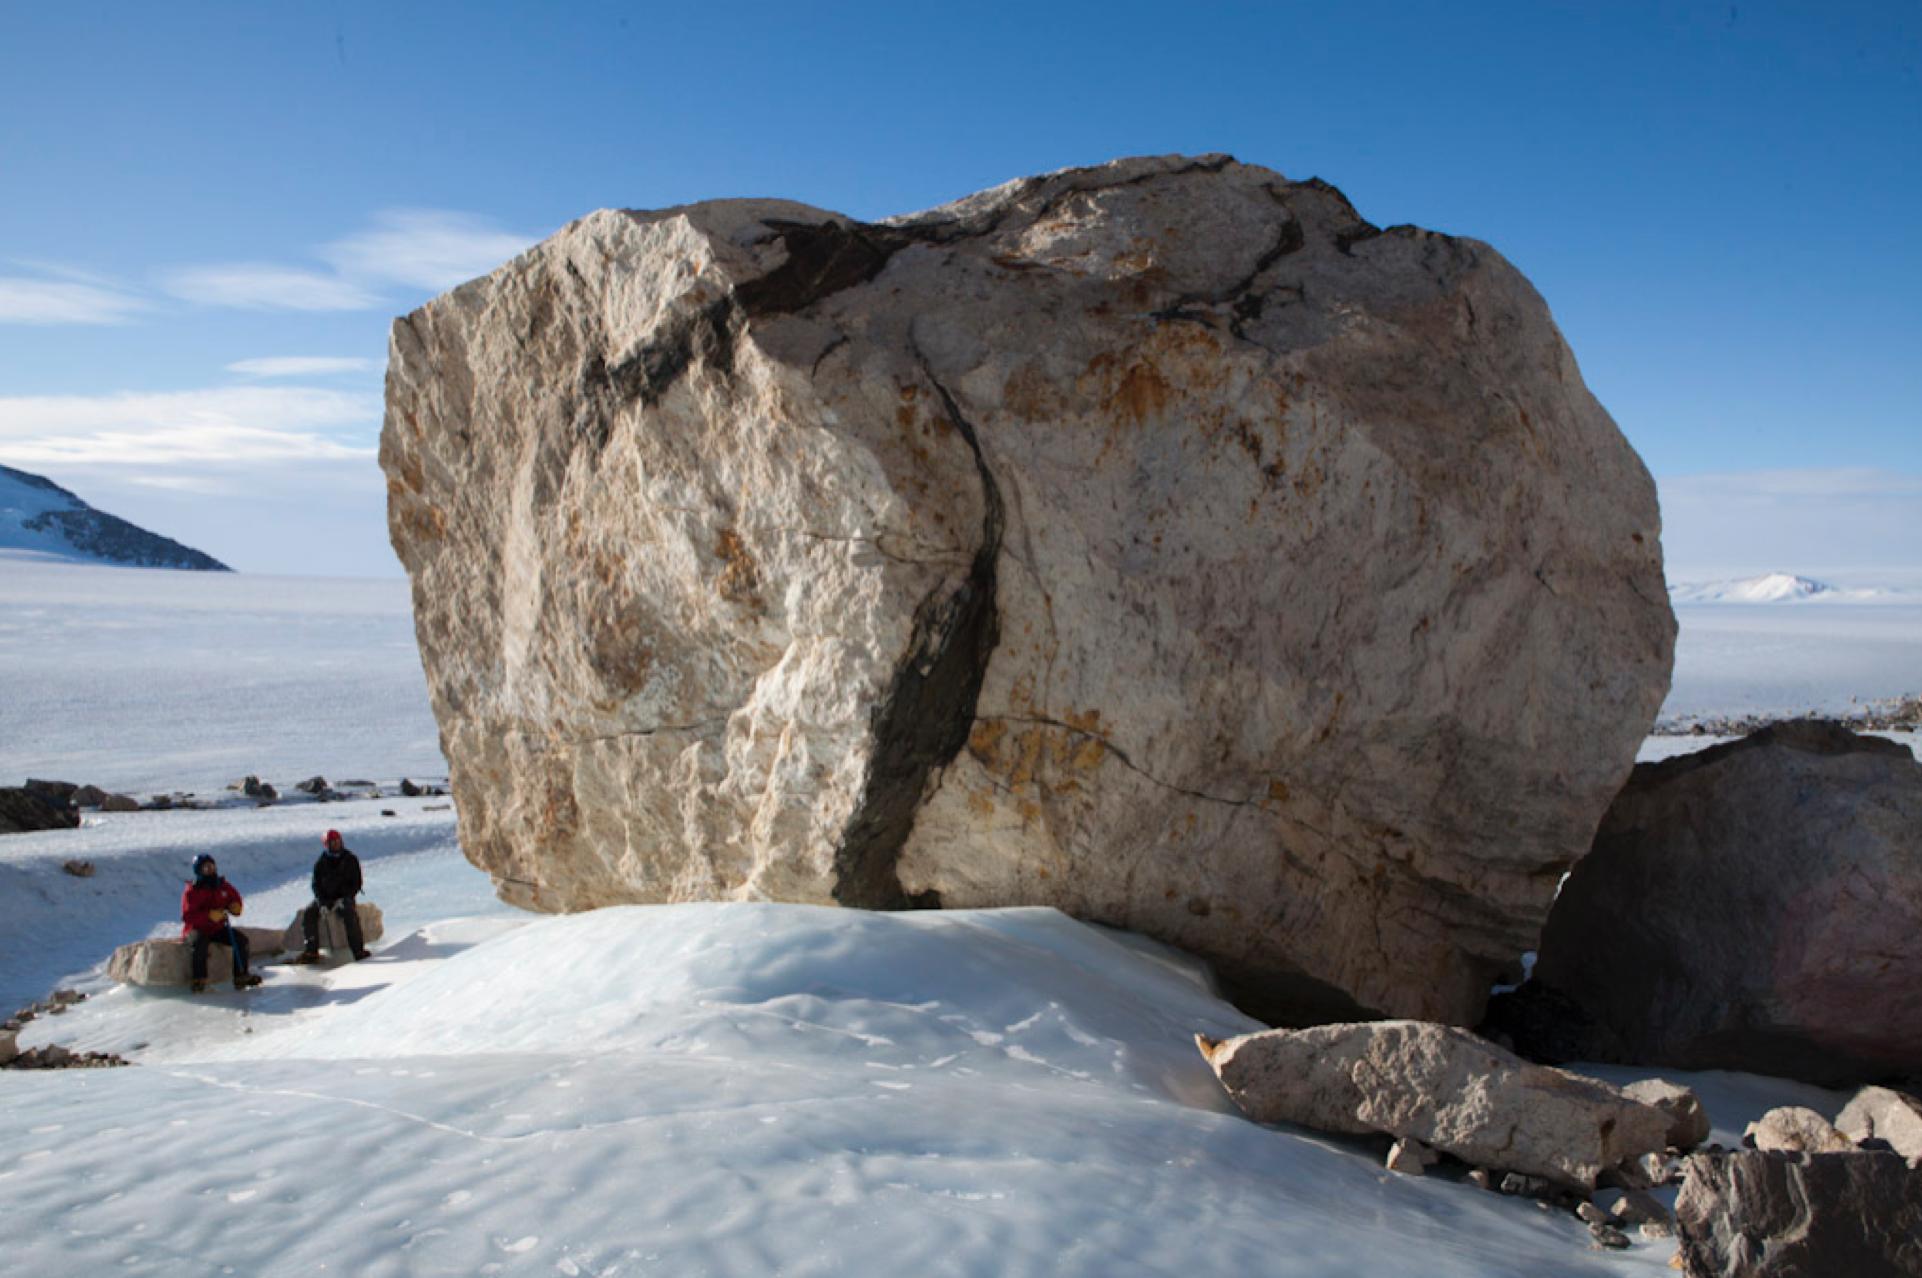 A glacial erratic boulder sititng on a glacier.